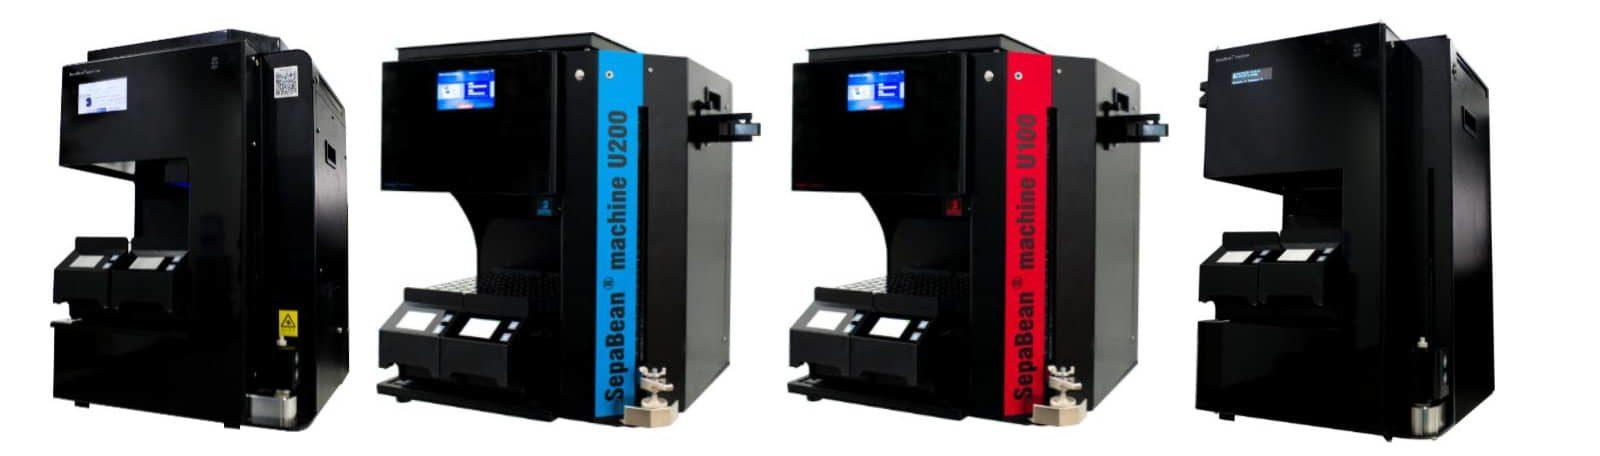 Machines-flash-chromatographie